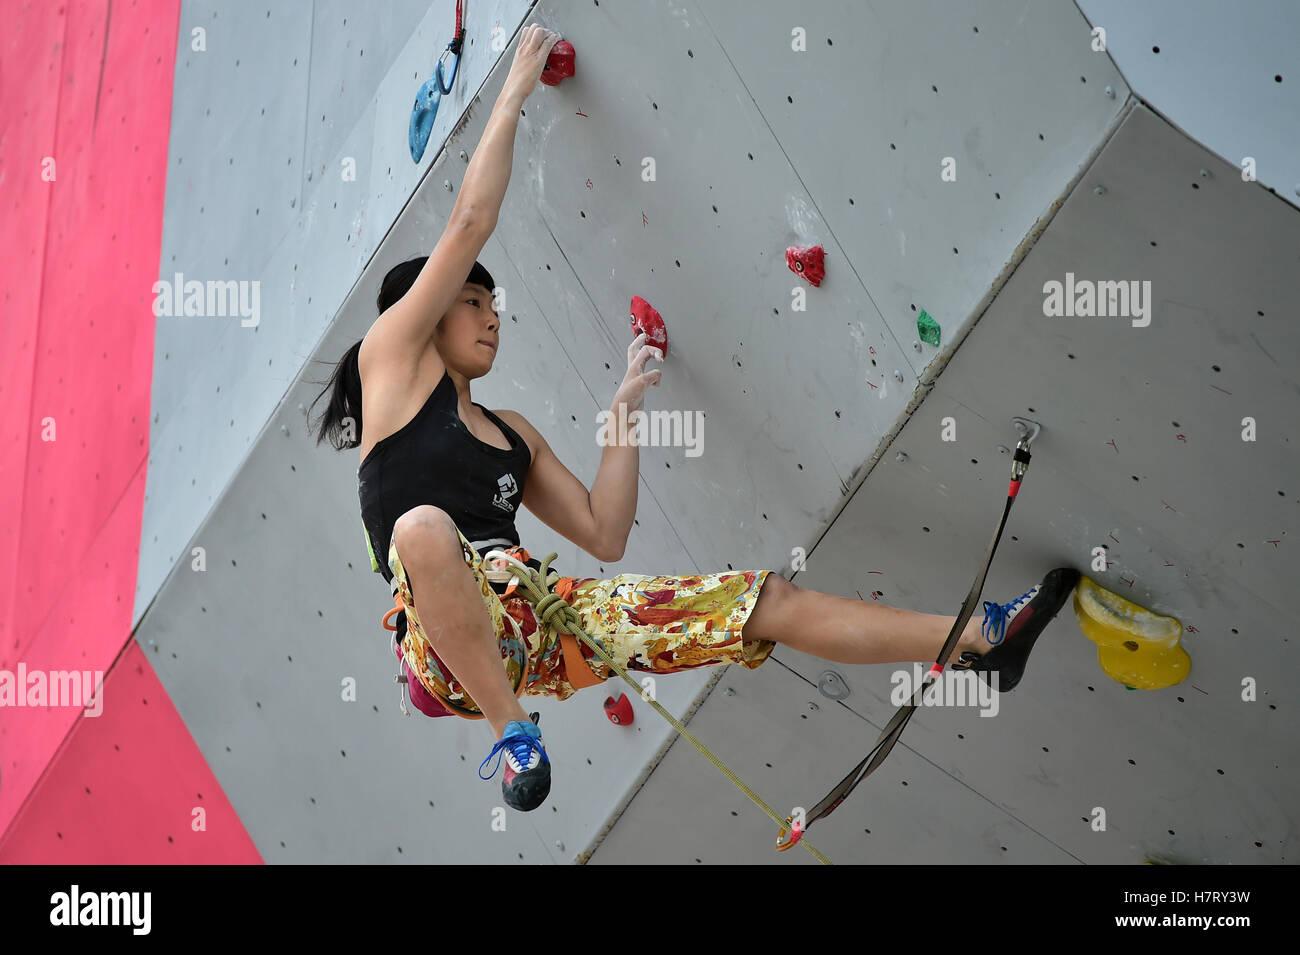 64928d8c8d15cf Ashima Shiraishi der USA konkurriert bei der IFSC Climbing World Jugend  Meisterschaften 2016 in Guangzhou